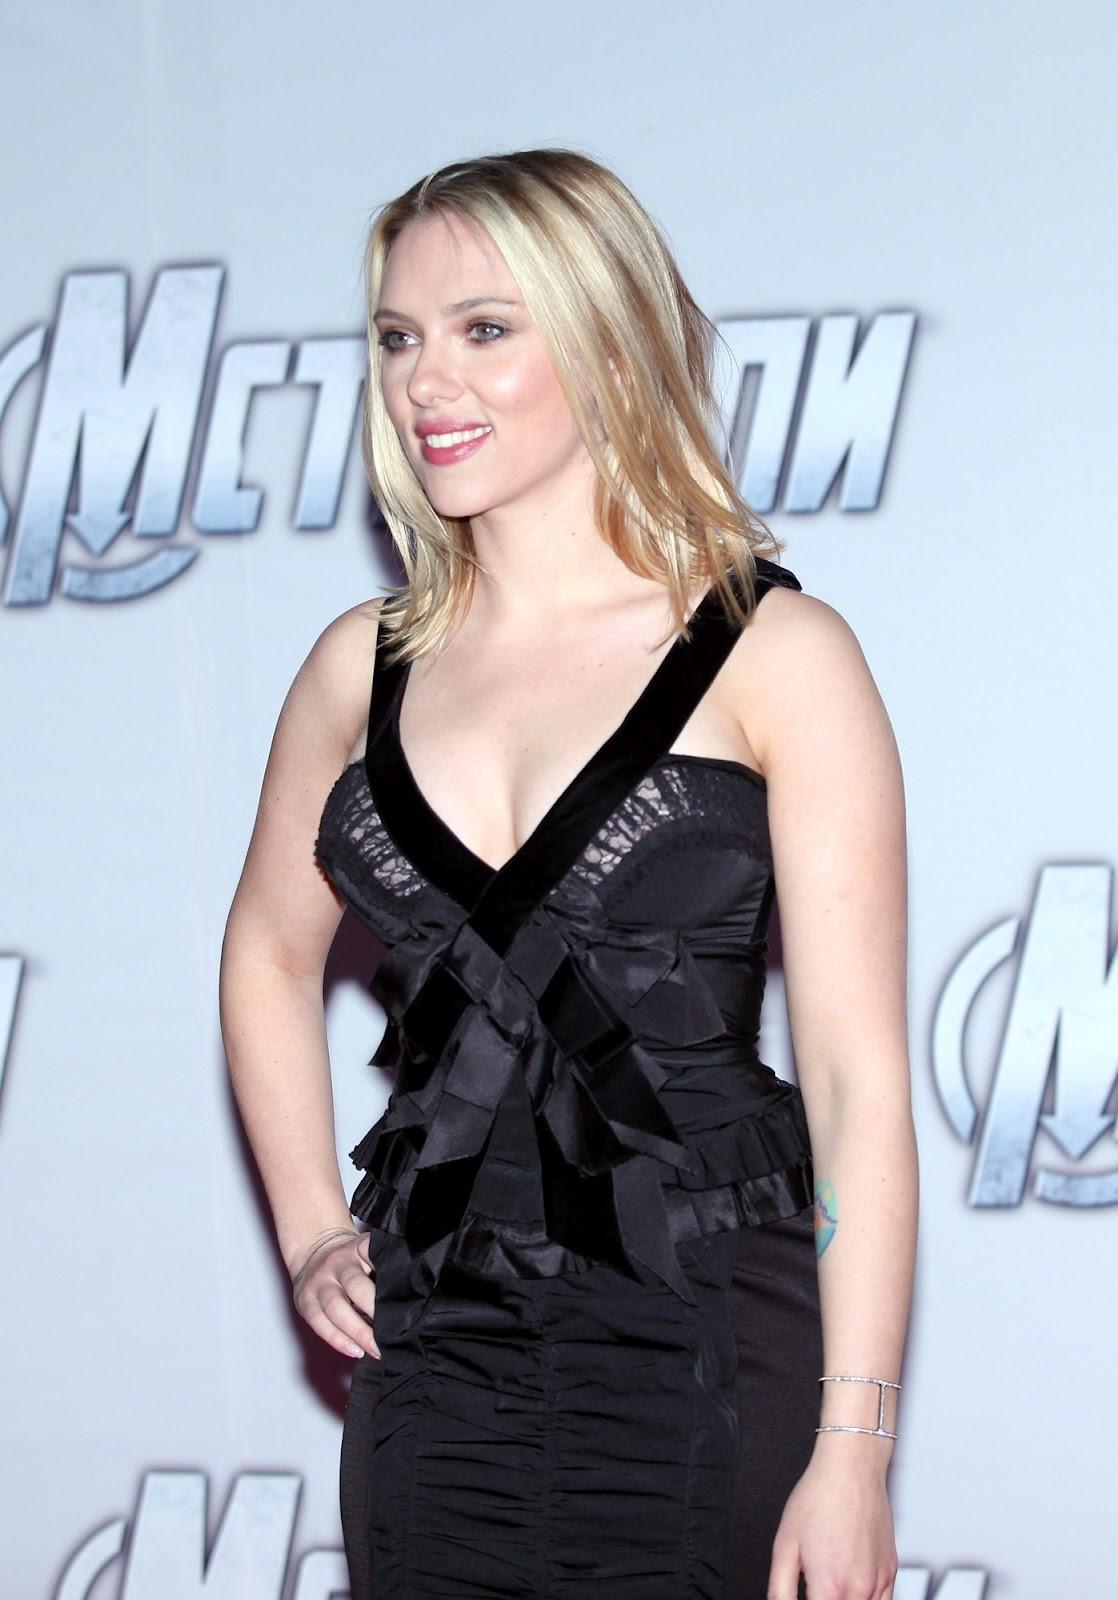 http://2.bp.blogspot.com/-k4ITB2r27XE/T4_YtRYgLXI/AAAAAAAAHyQ/ACgL6ciNZYo/s1600/Scarlett-Johansson-The-Avengers-Premiere-4.jpg